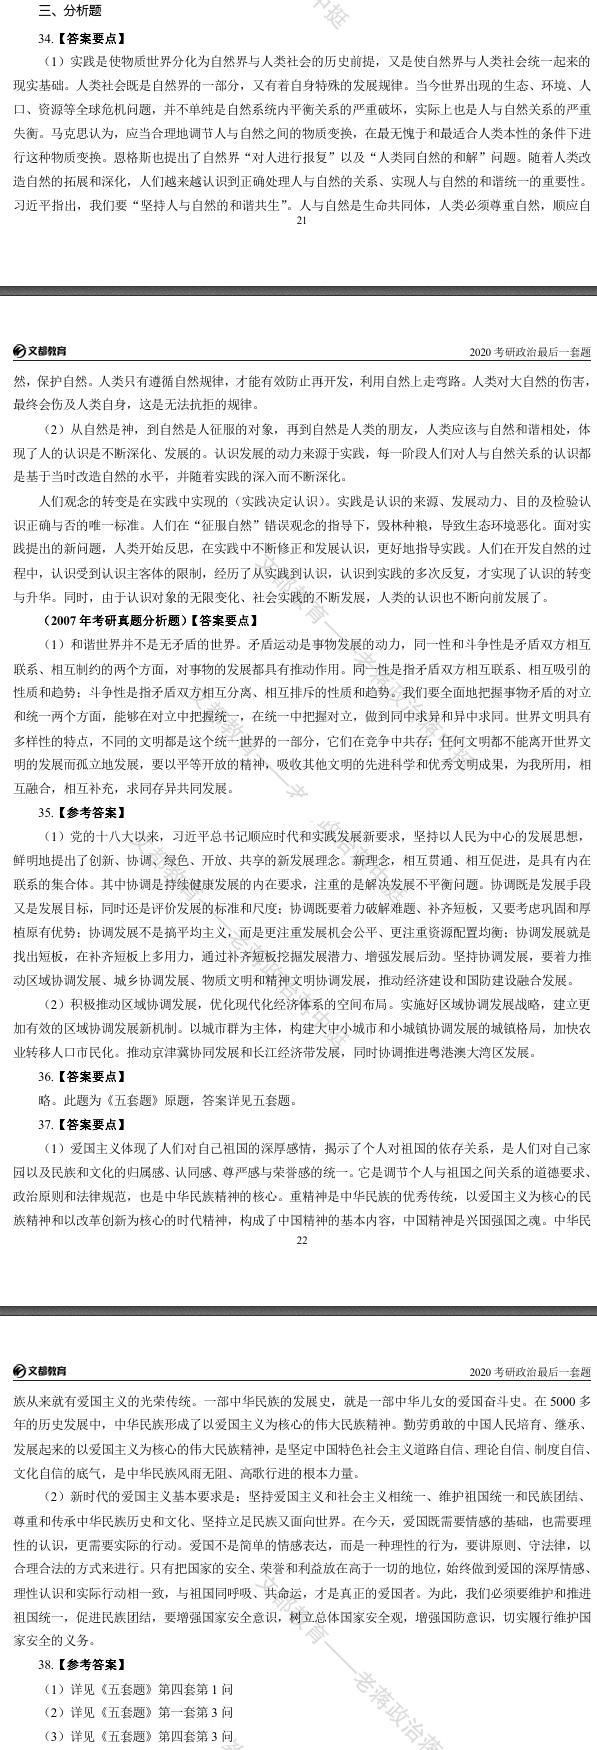 文都考研政治名师蒋中挺2020考研政治最后一套题分析题解析